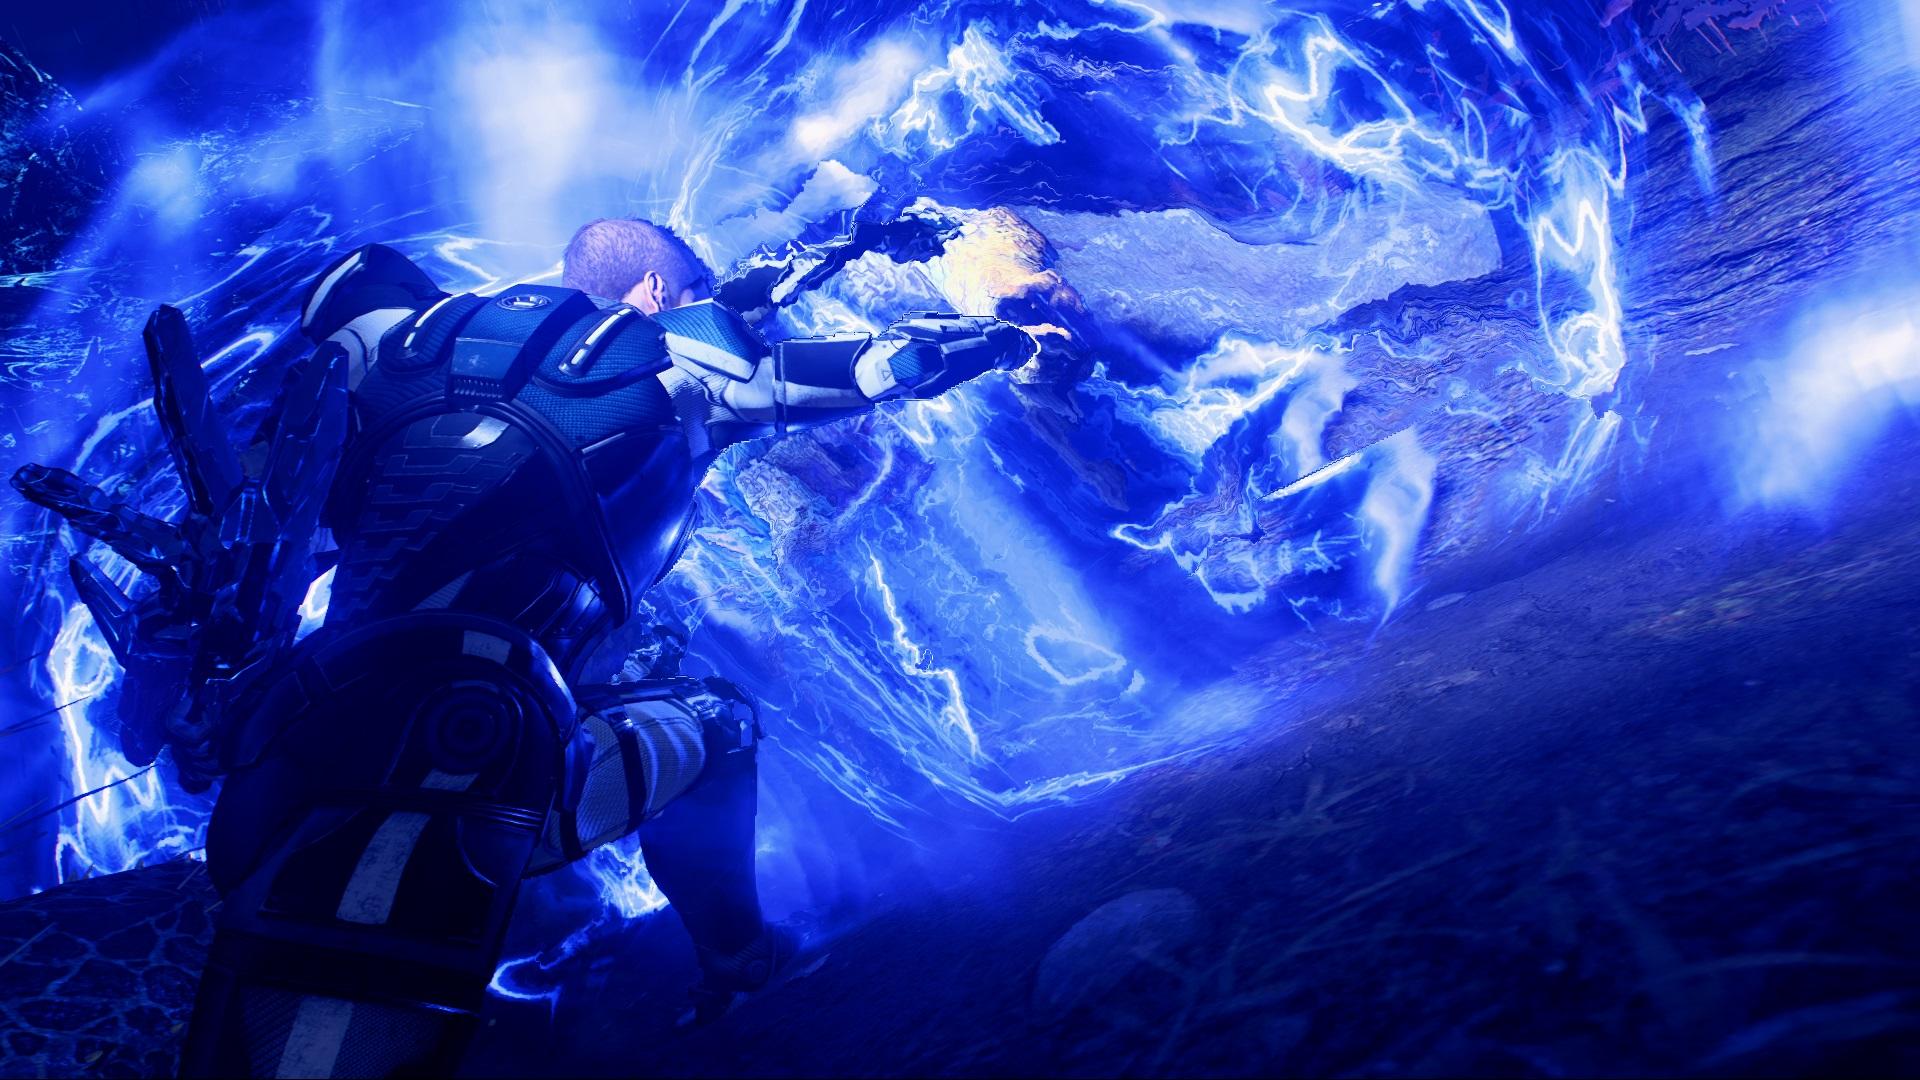 Je Mass Effect: Andromeda špatná hra? 13131